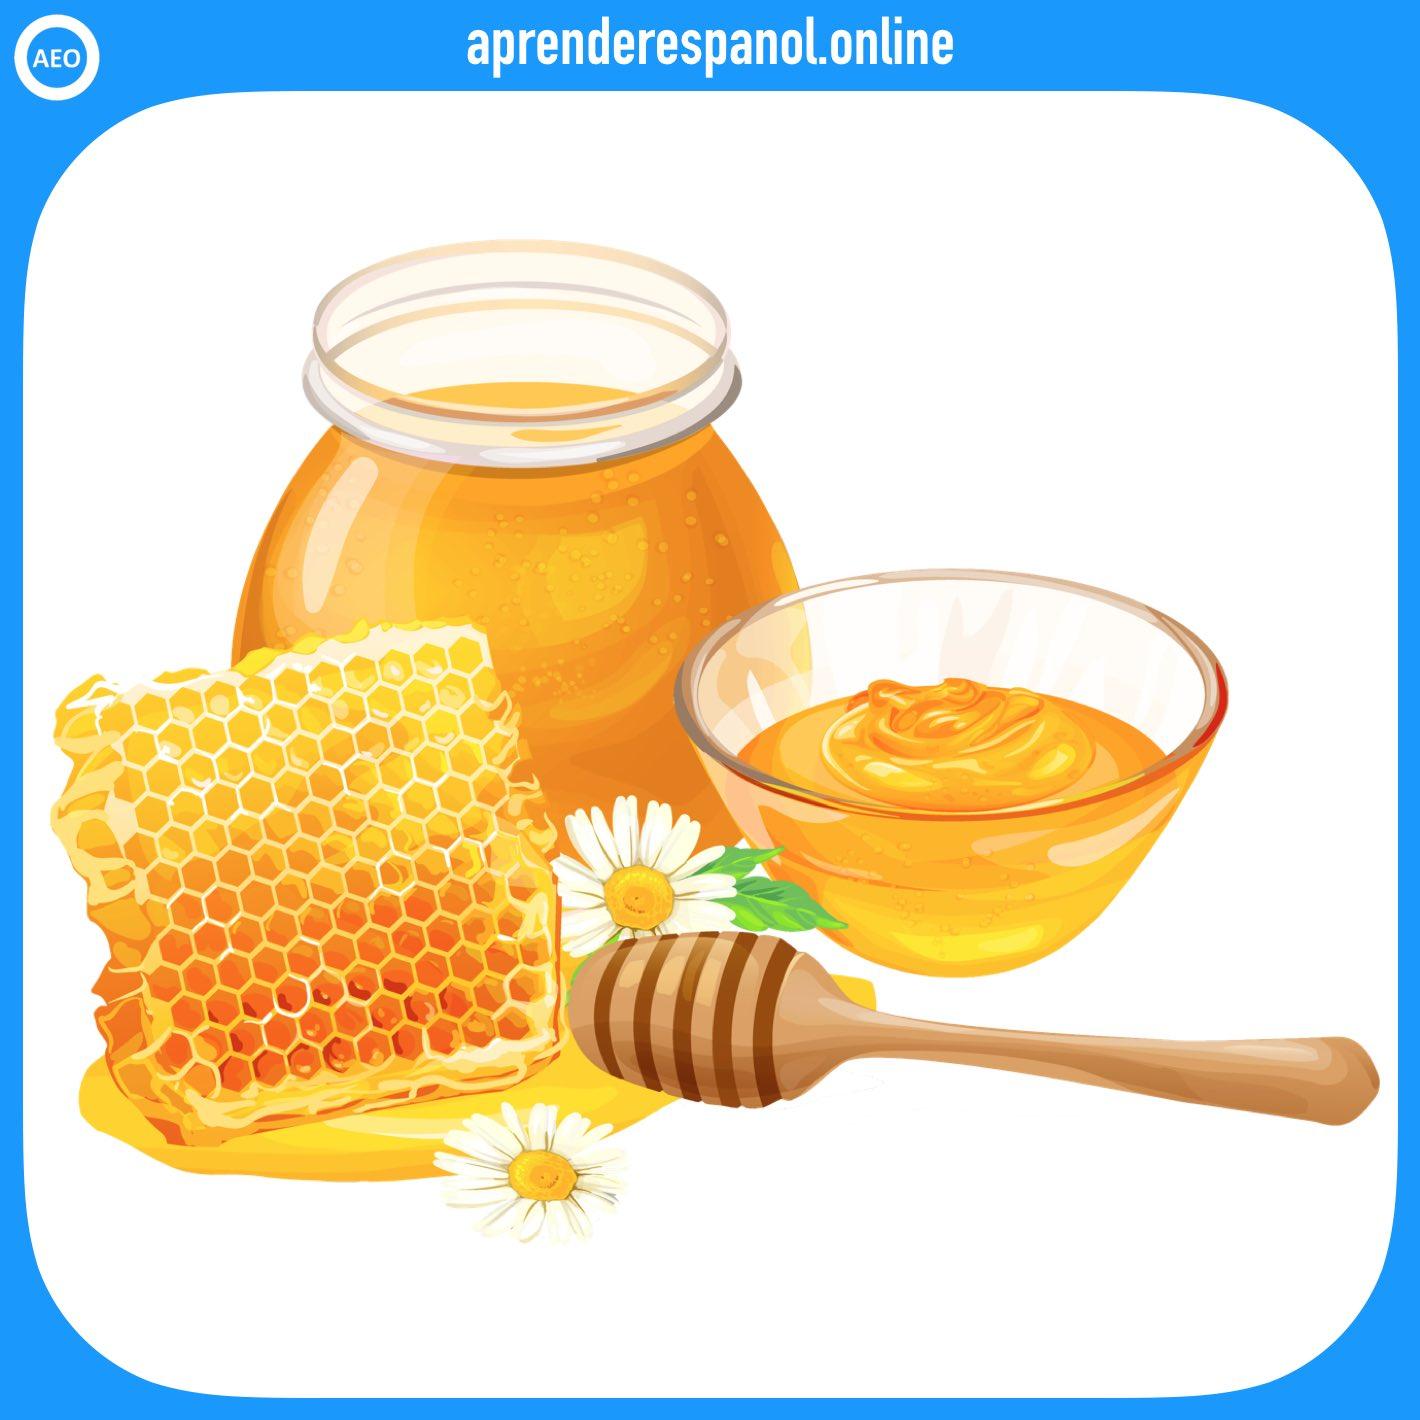 miel   alimentos en español   vocabulario de los alimentos en español